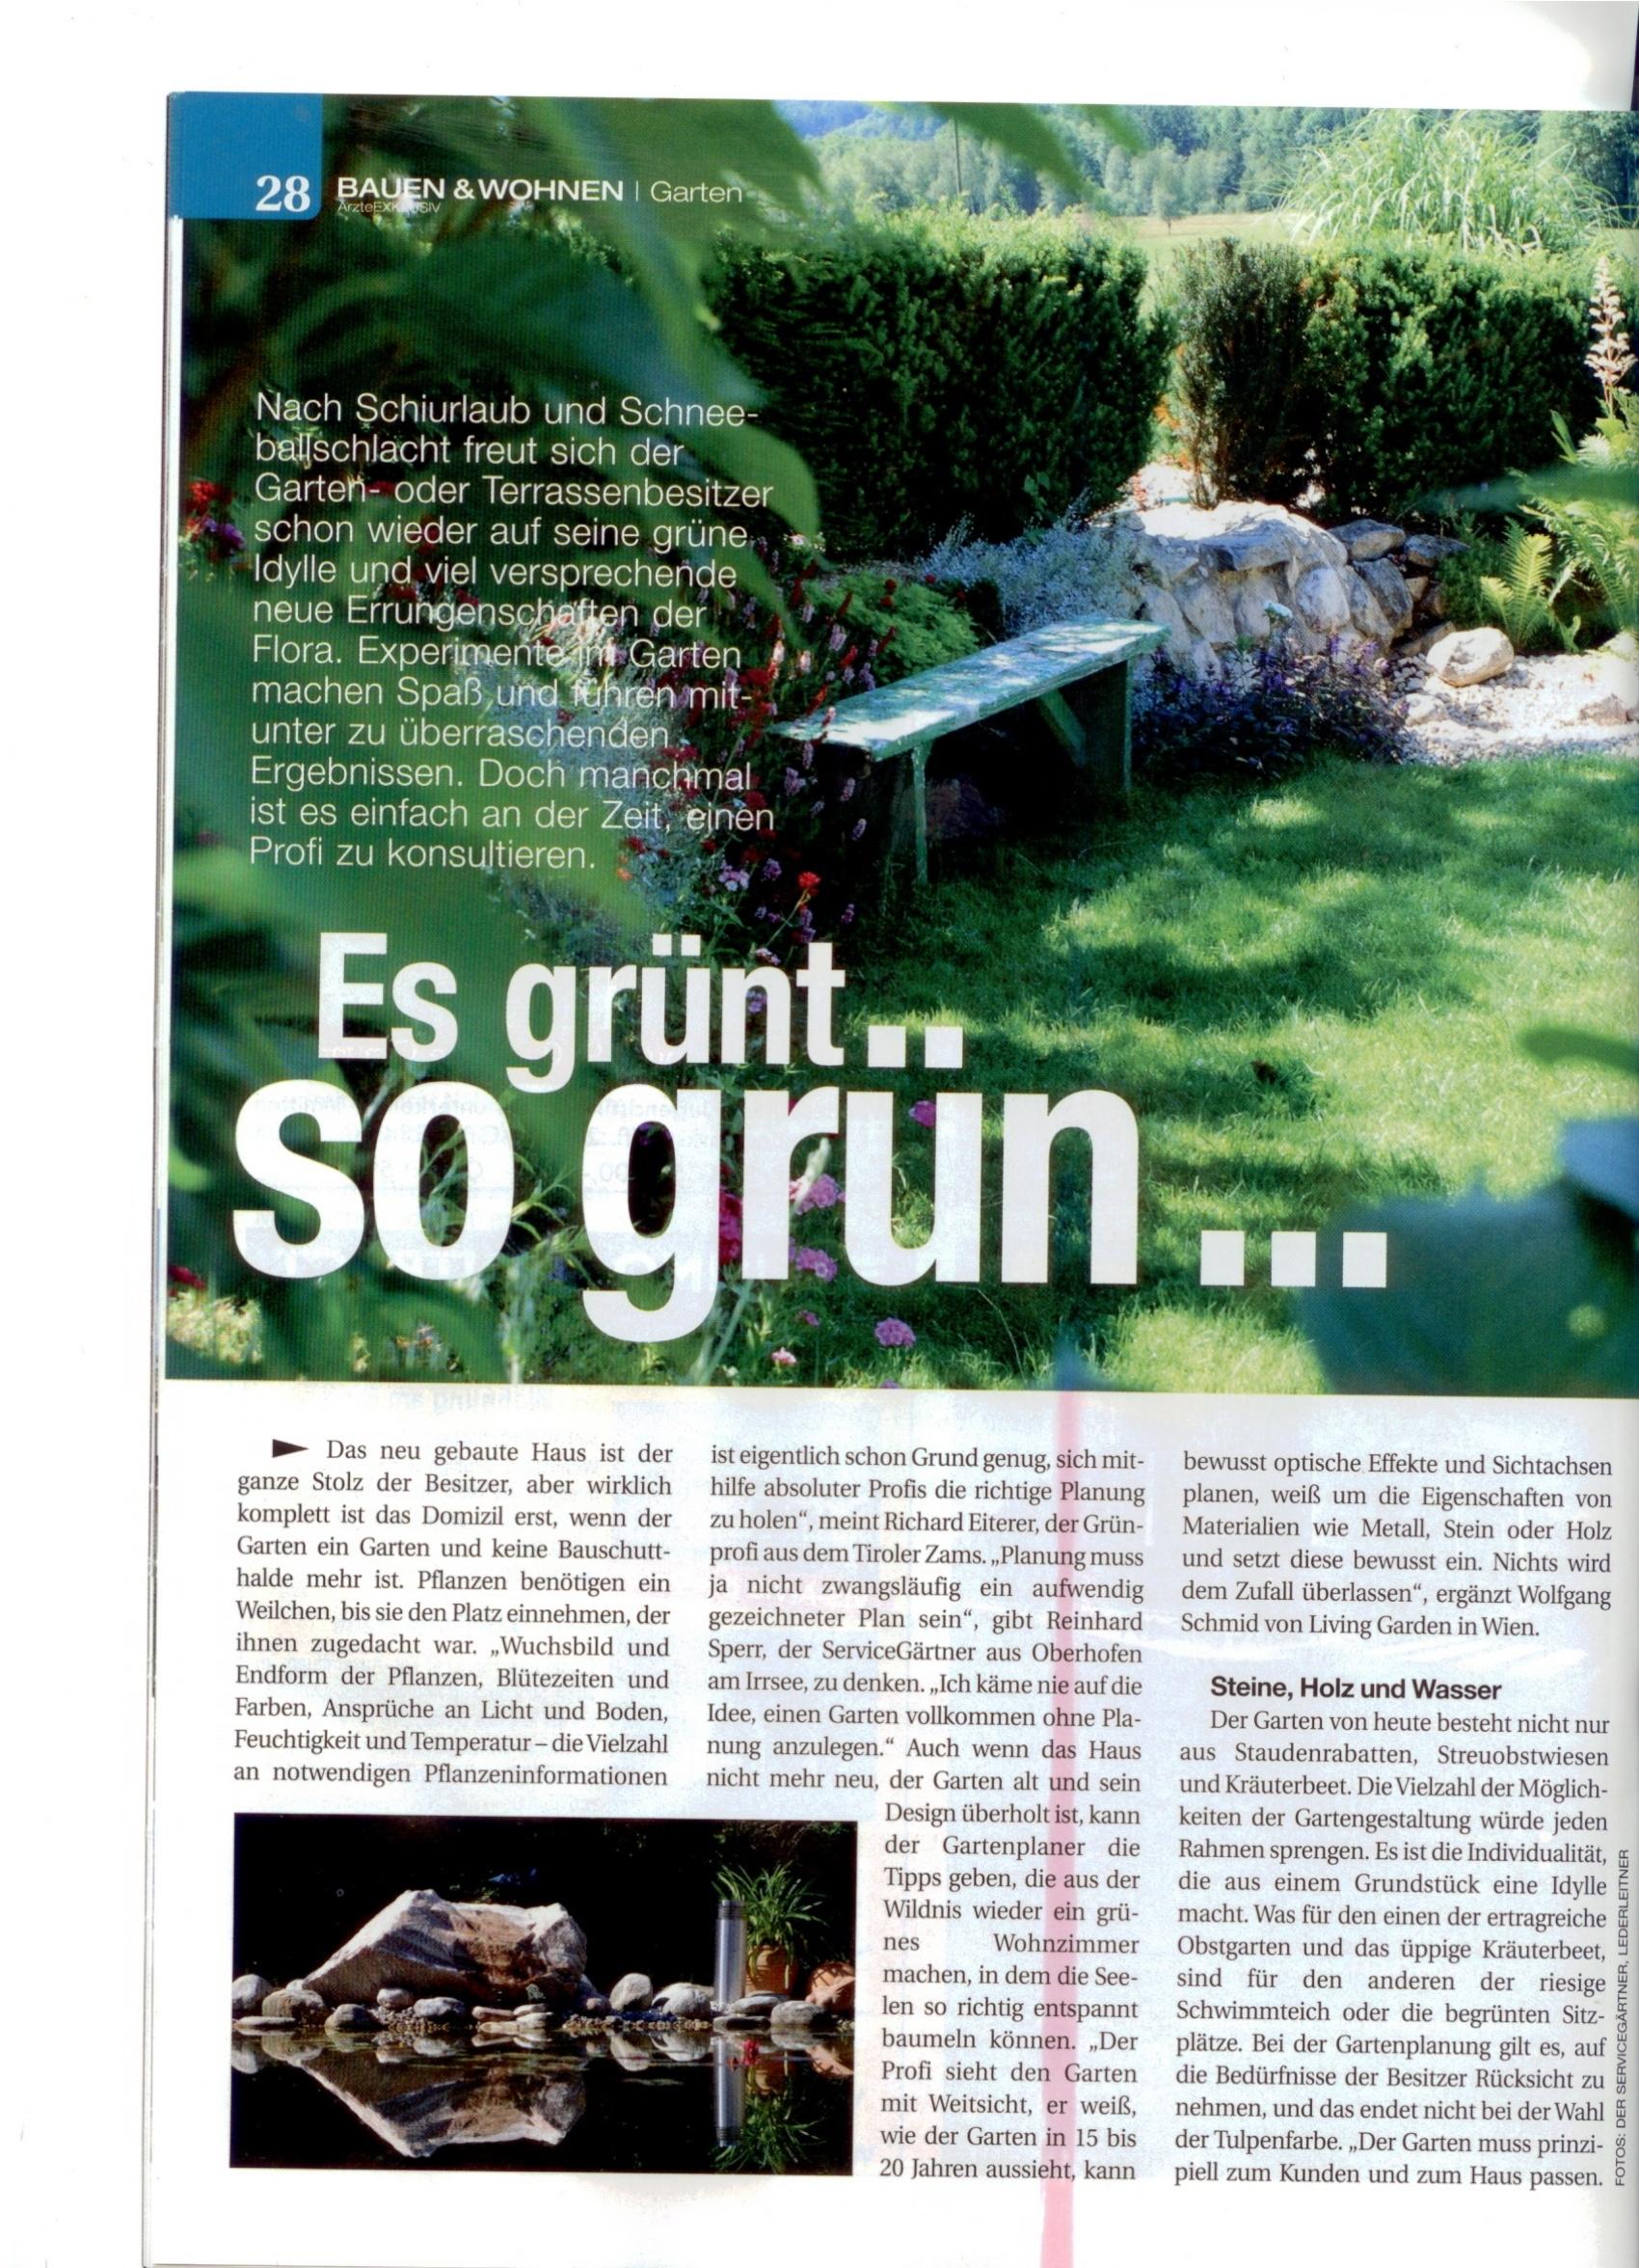 artikel-aerzte-magazin-k-maerz-09[1]